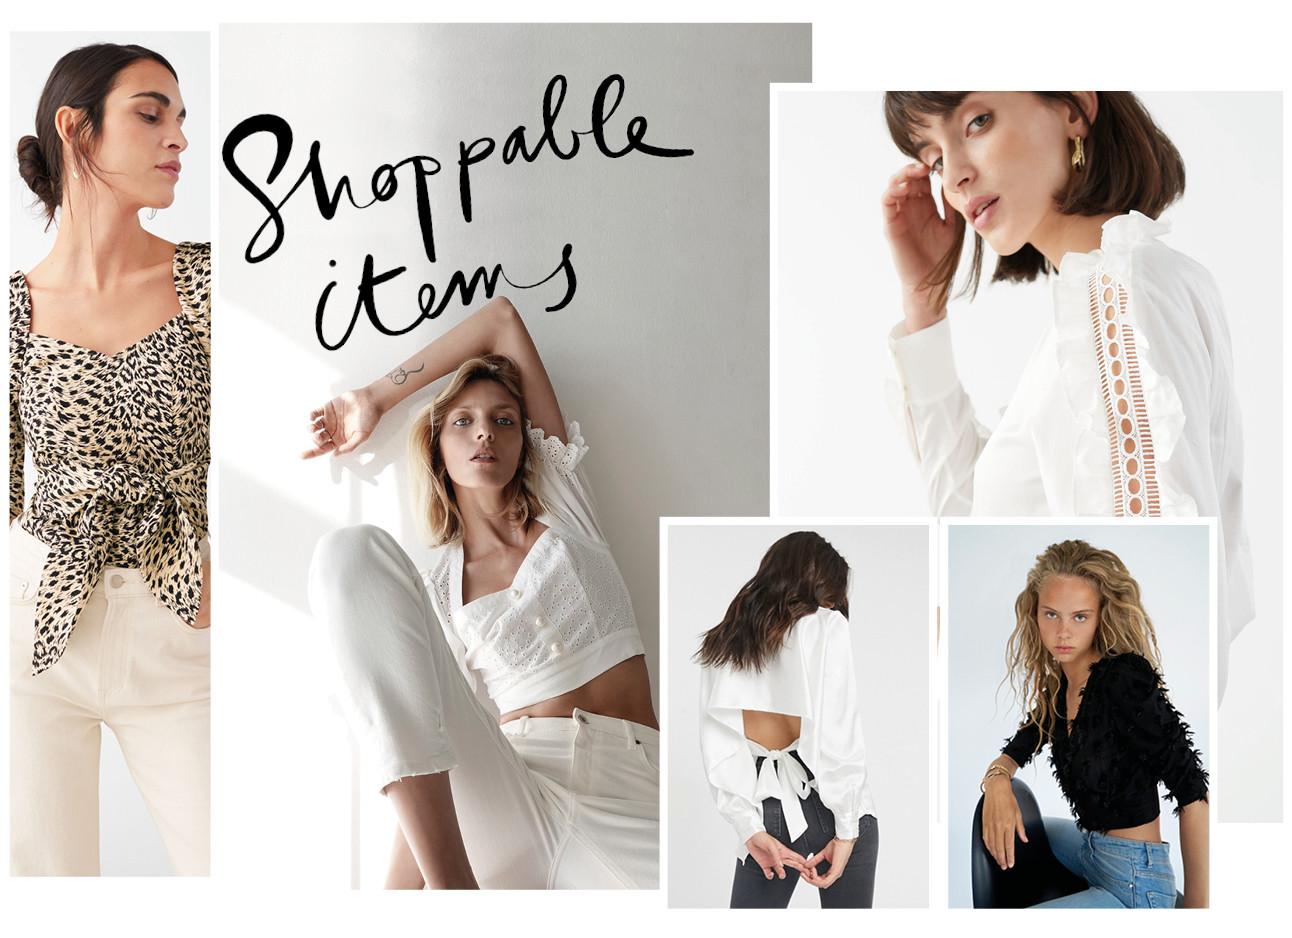 tops shopping modellen poseren met zomerse tops